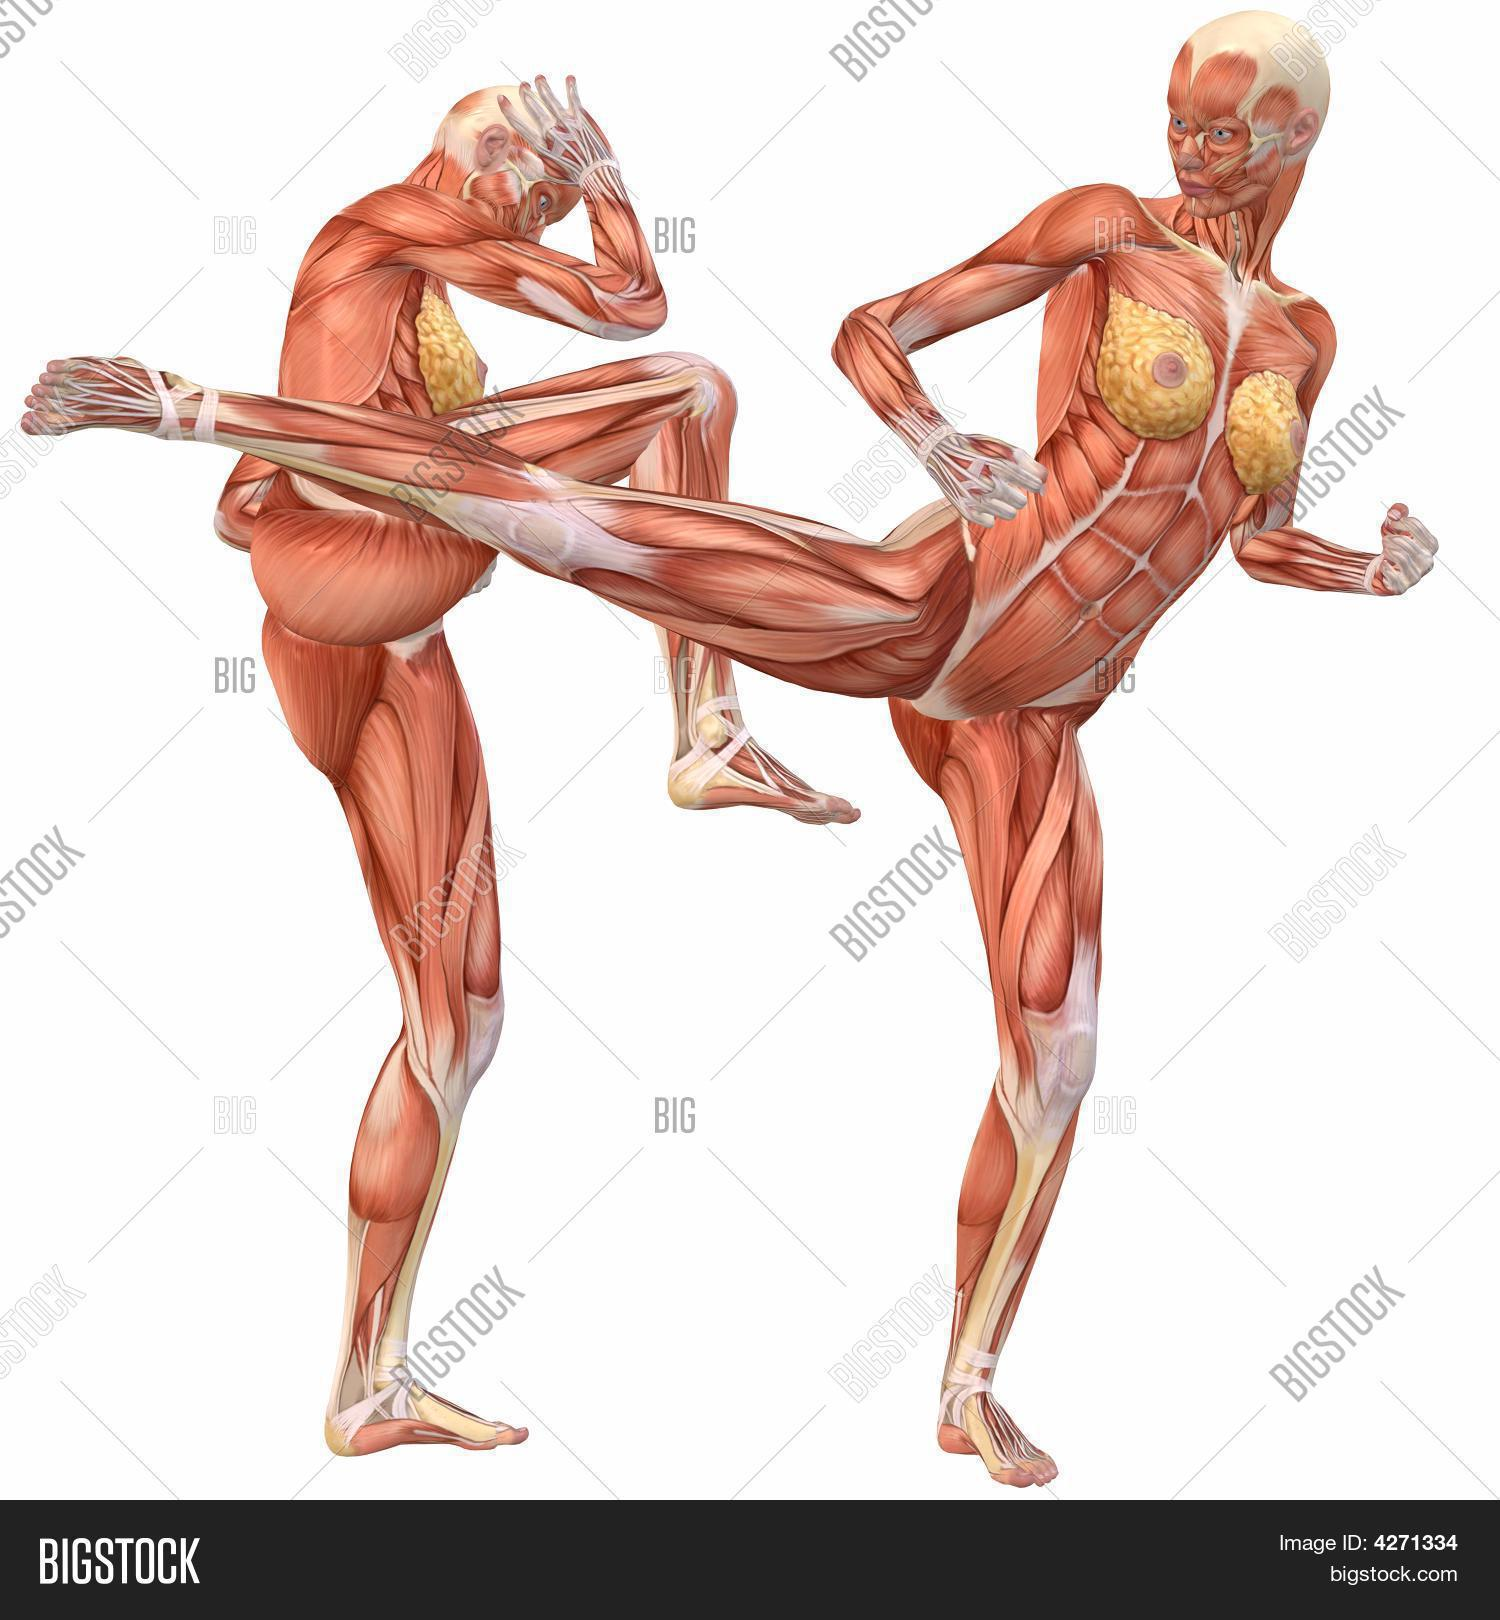 Imagen y foto Cuerpo Humano Femenino Anatomí | Bigstock